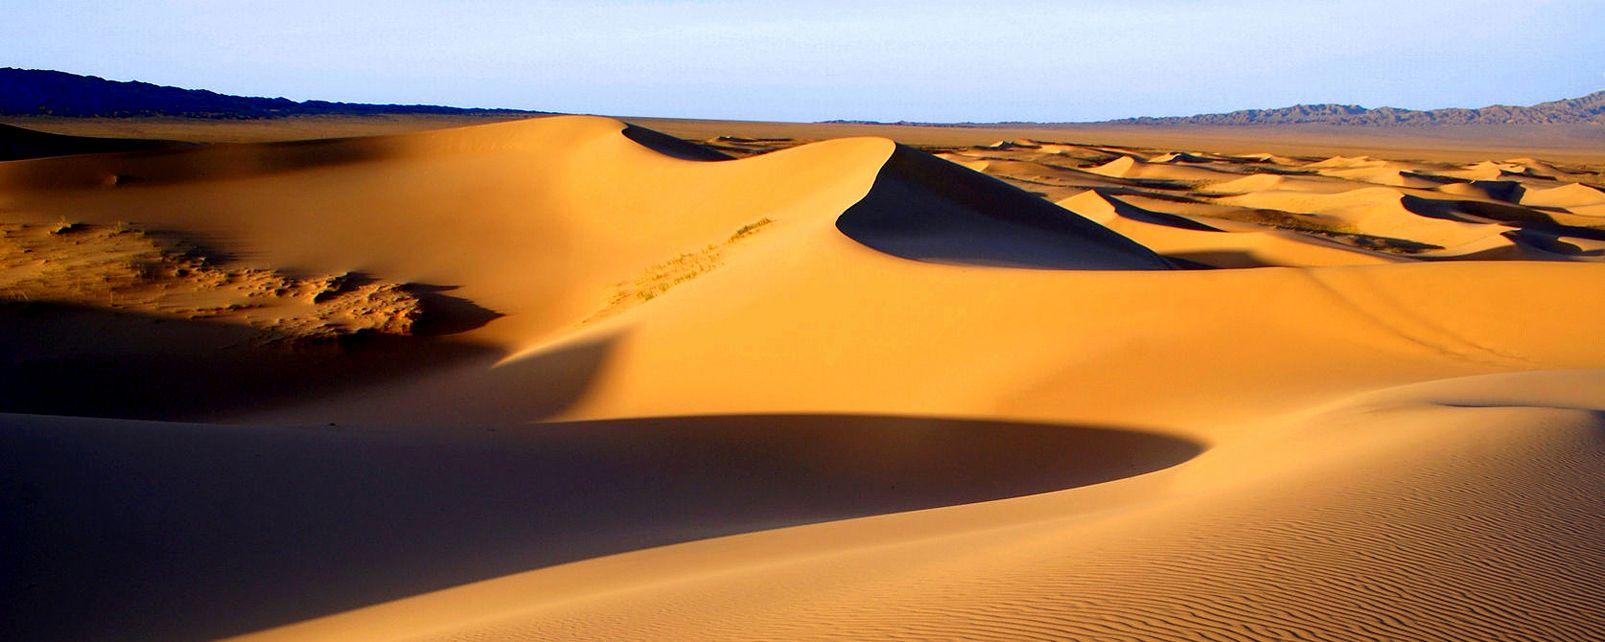 The Gobi desert , Yurts in the Gobi desert , Mongolia